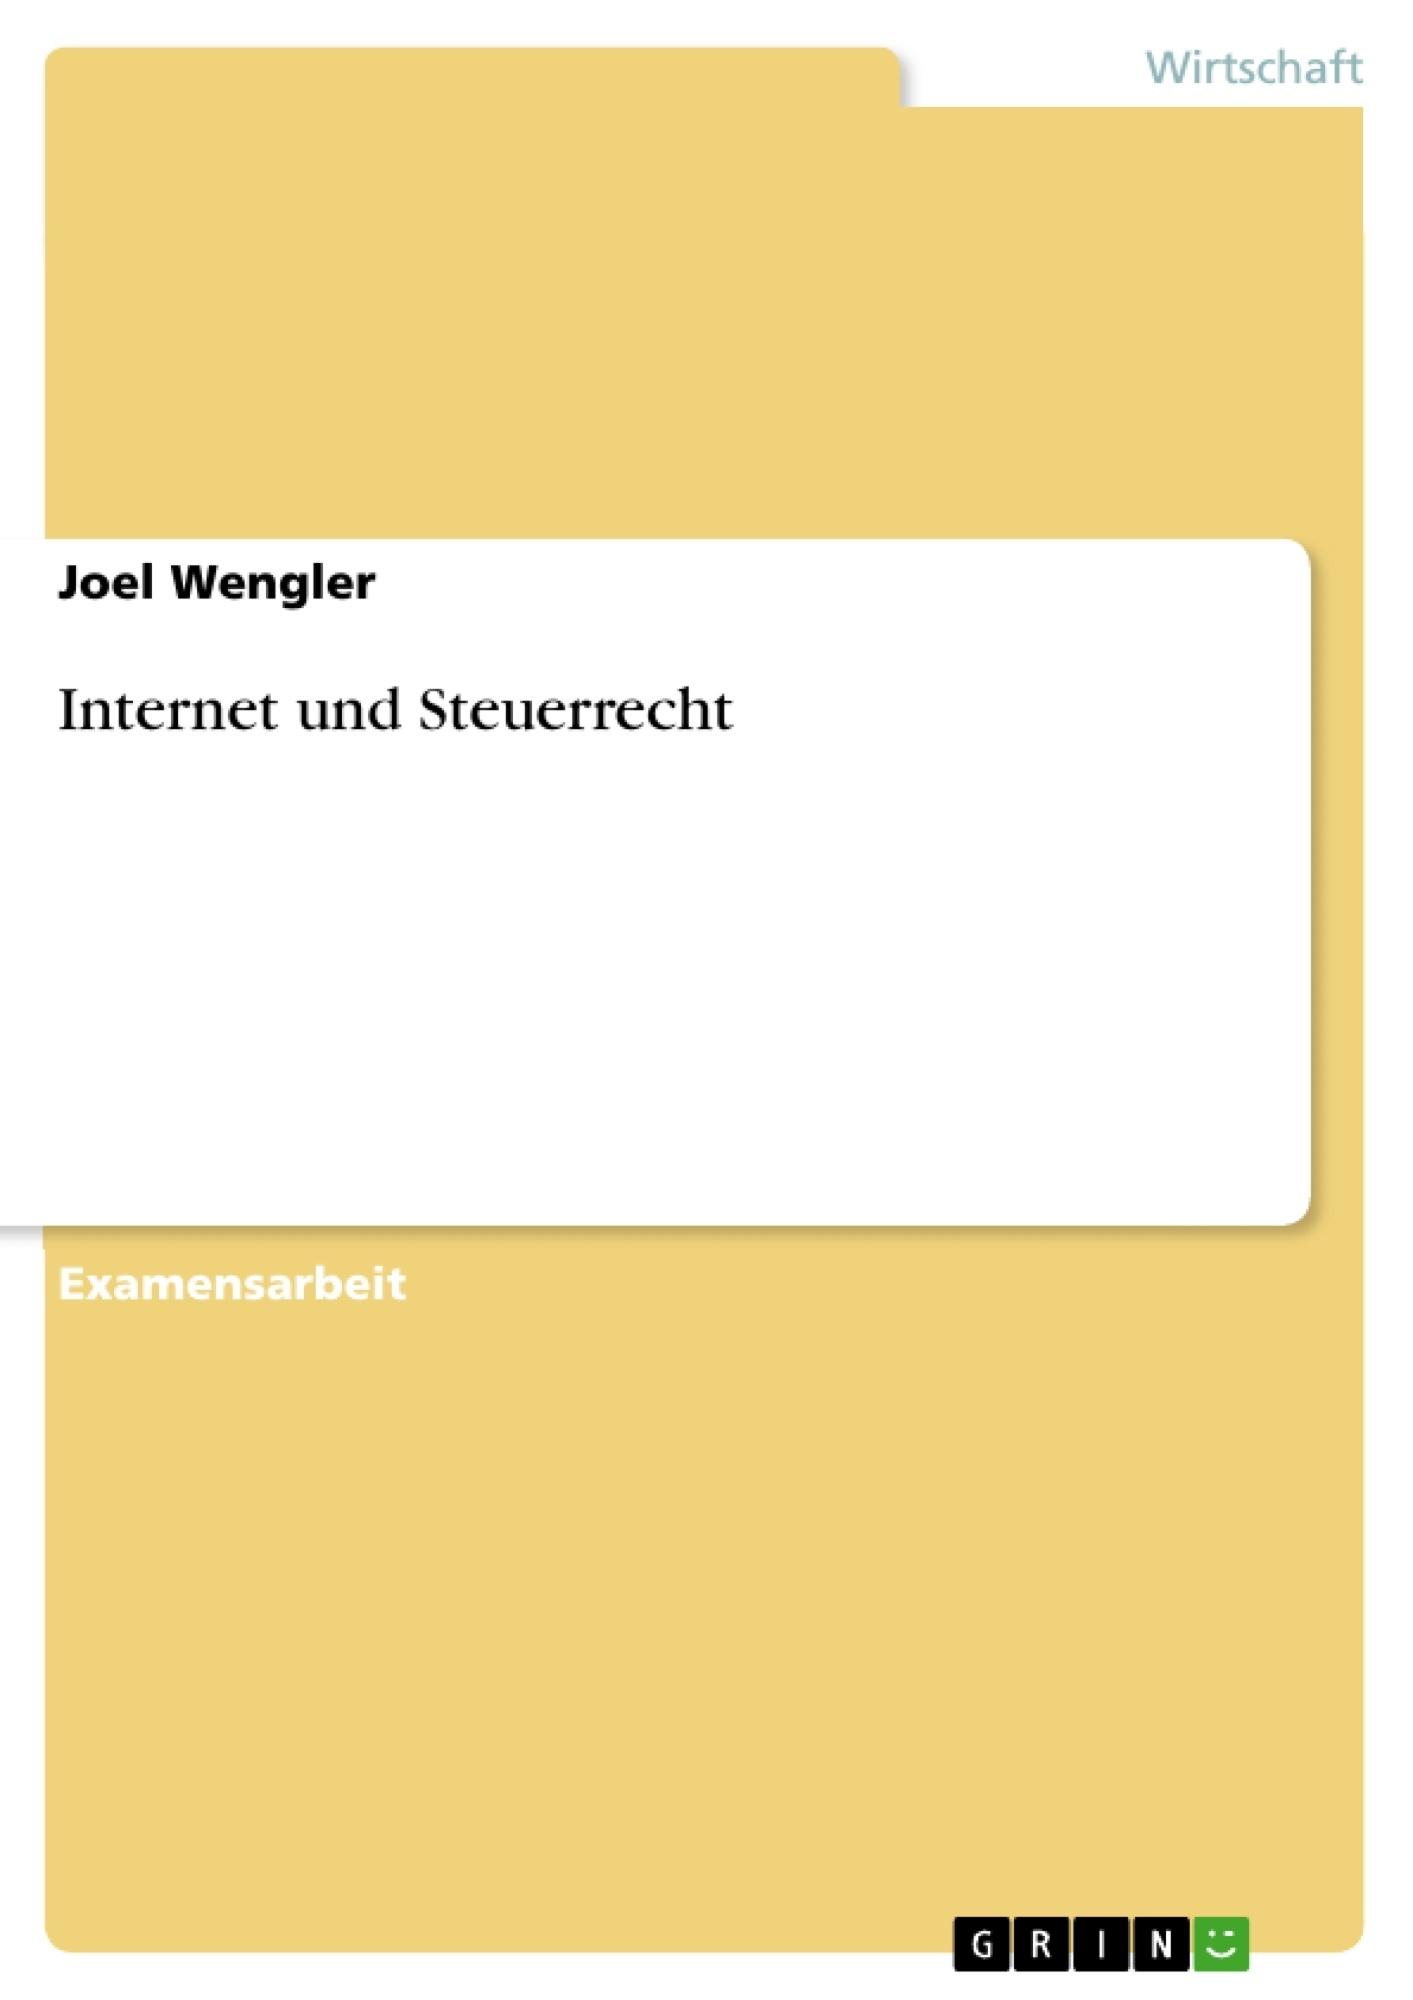 Titel: Internet und Steuerrecht